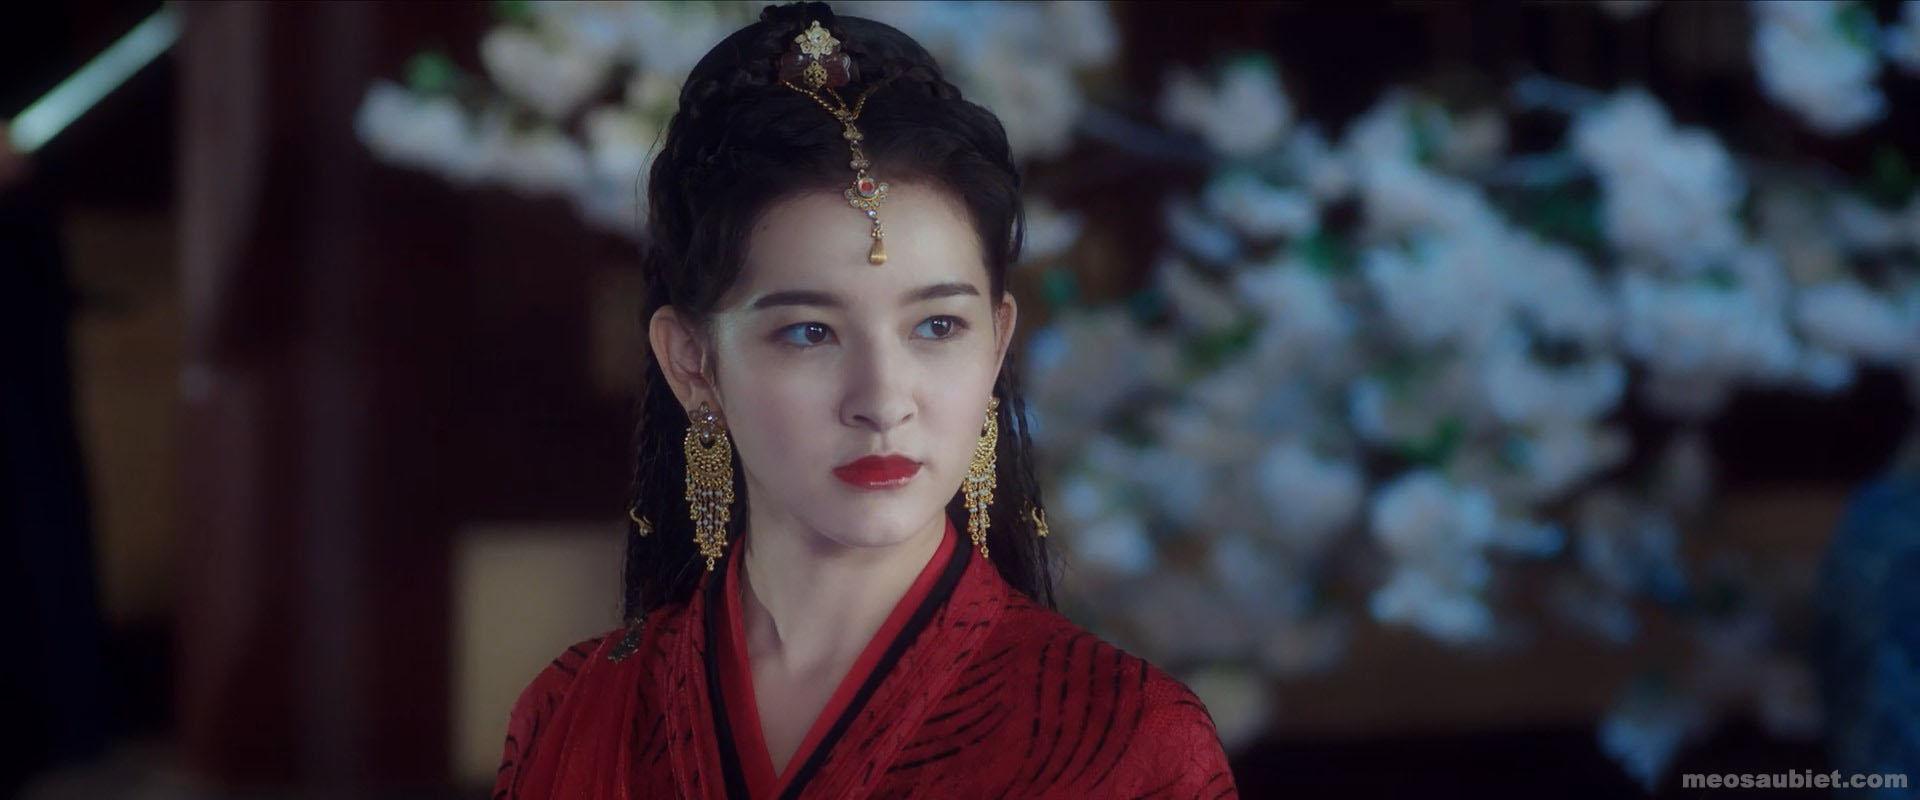 Minh nguyệt từng chiếu Giang Đông Hàn 2020 Trương Tuyết Hàm trong vai Thẩm Yên Chi